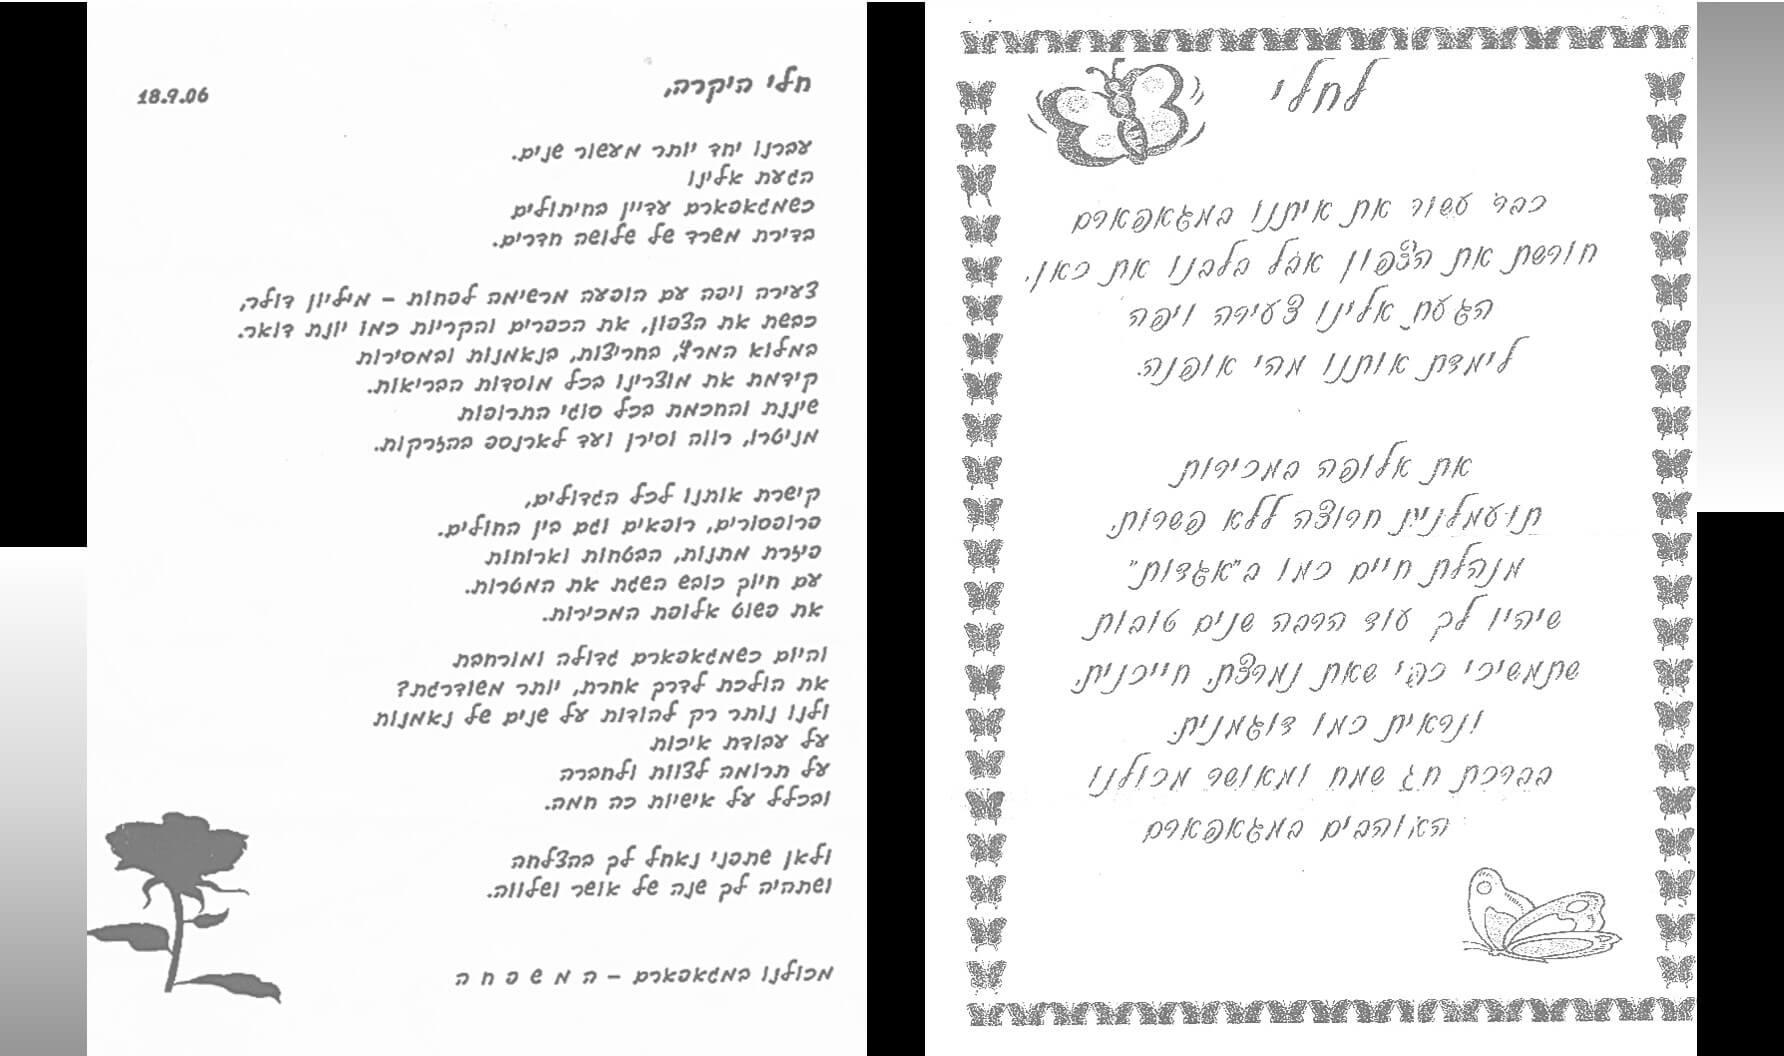 מכתבי תודה לחלי בן דויד מחברת התרופות מגאפארם